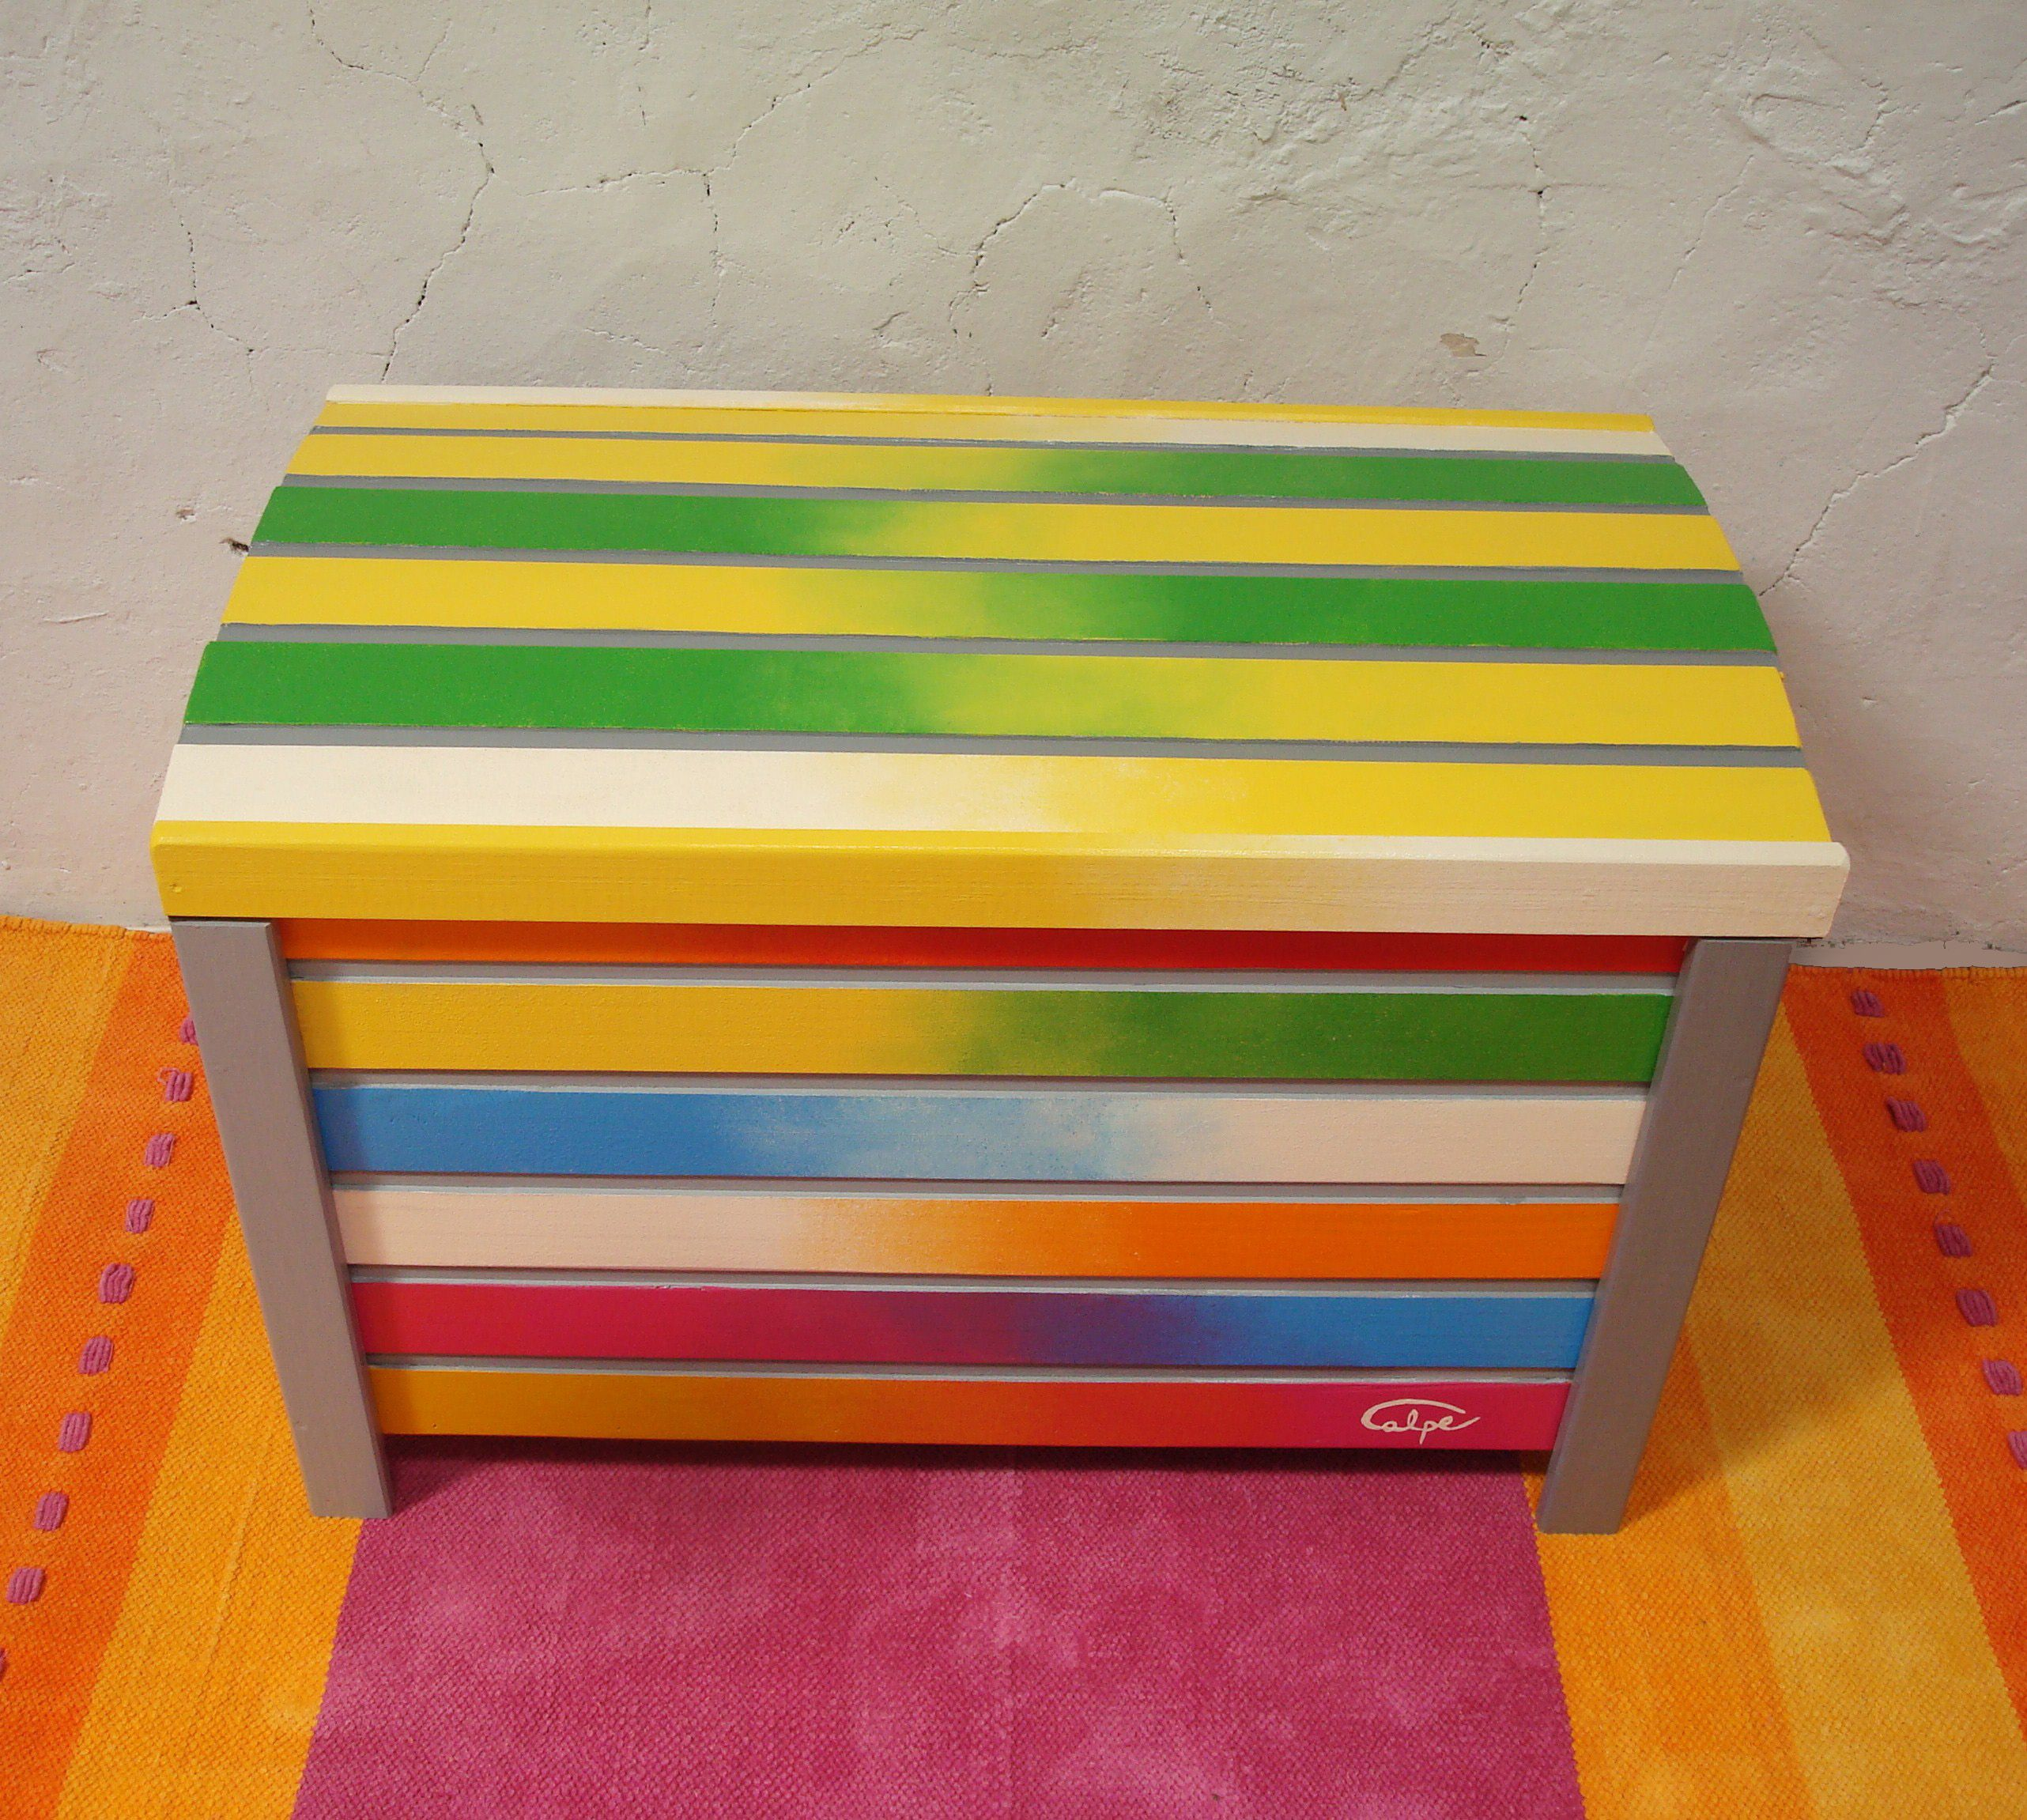 Ba l de madera de pino decorado con rallas de colores - Muebles de madera pintados a mano ...